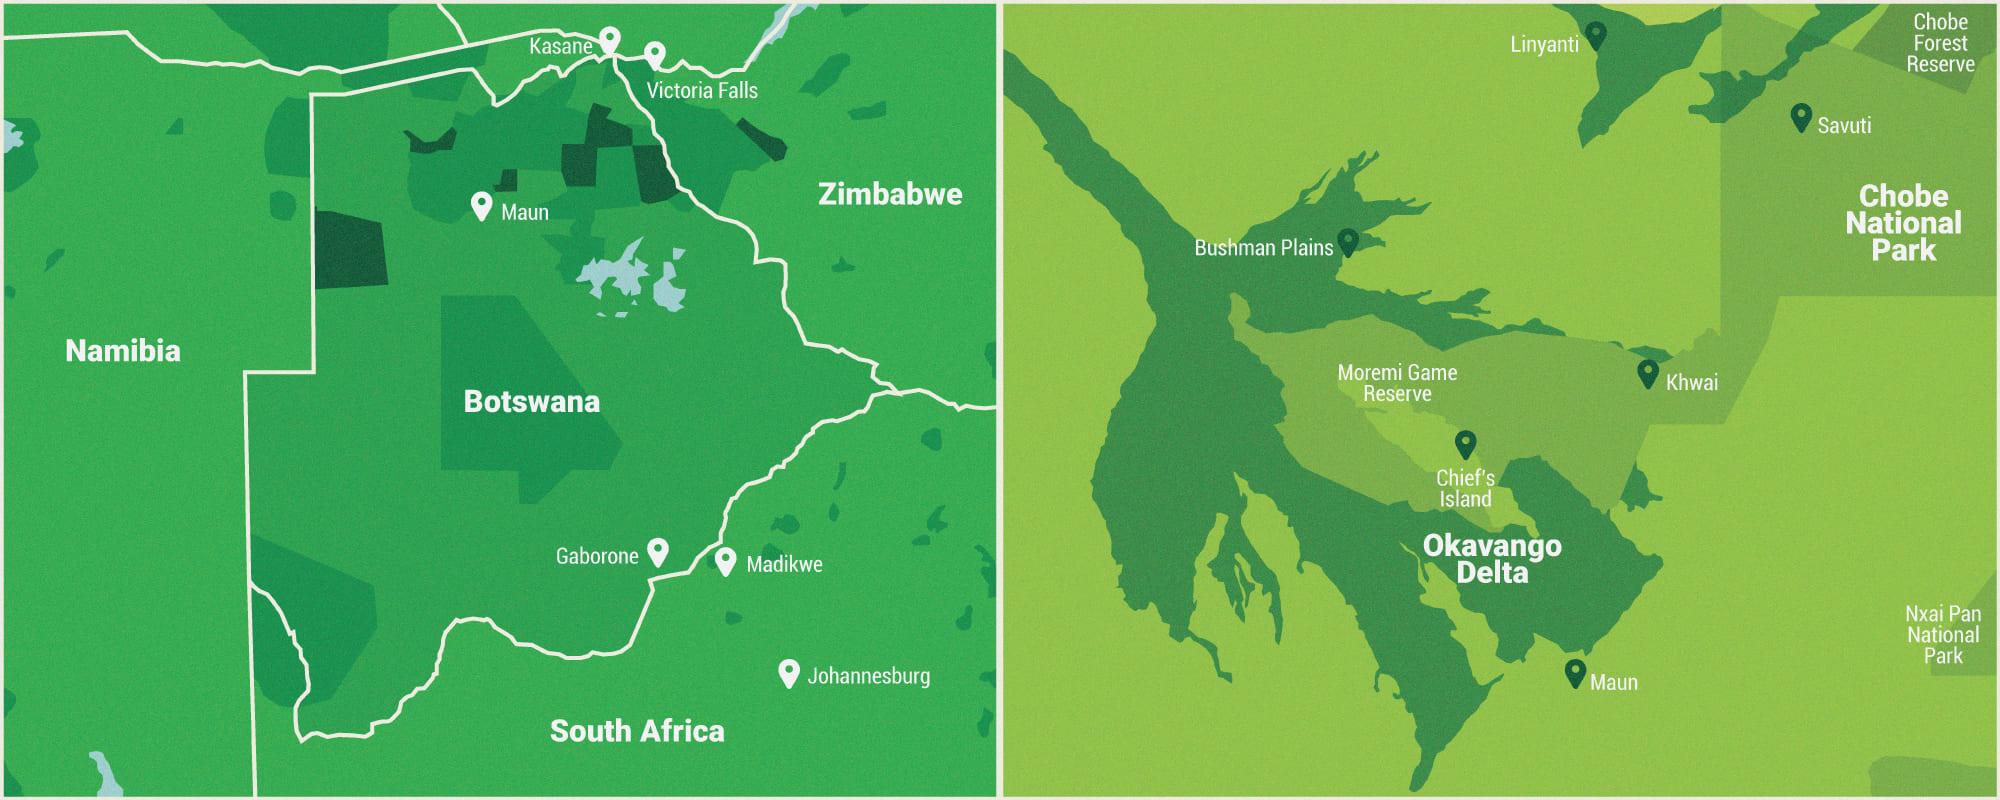 Map of the Okavango Delta